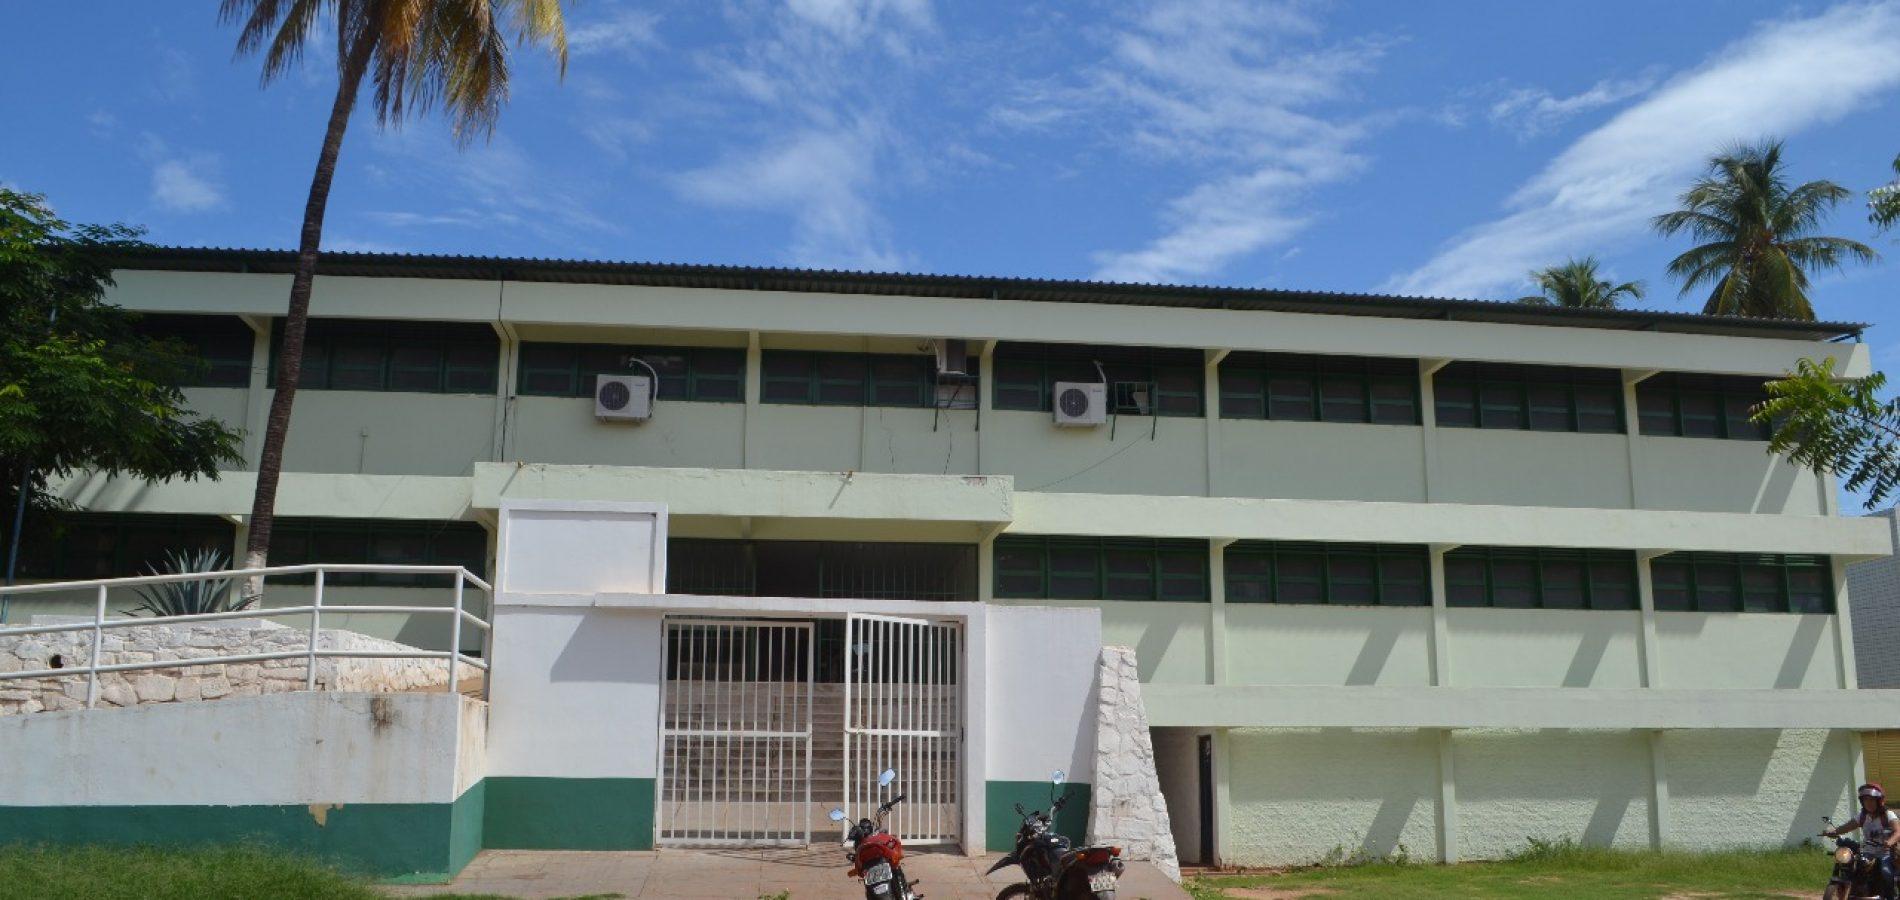 Após roubos constantes, professores compram câmeras de segurança para escola em Picos